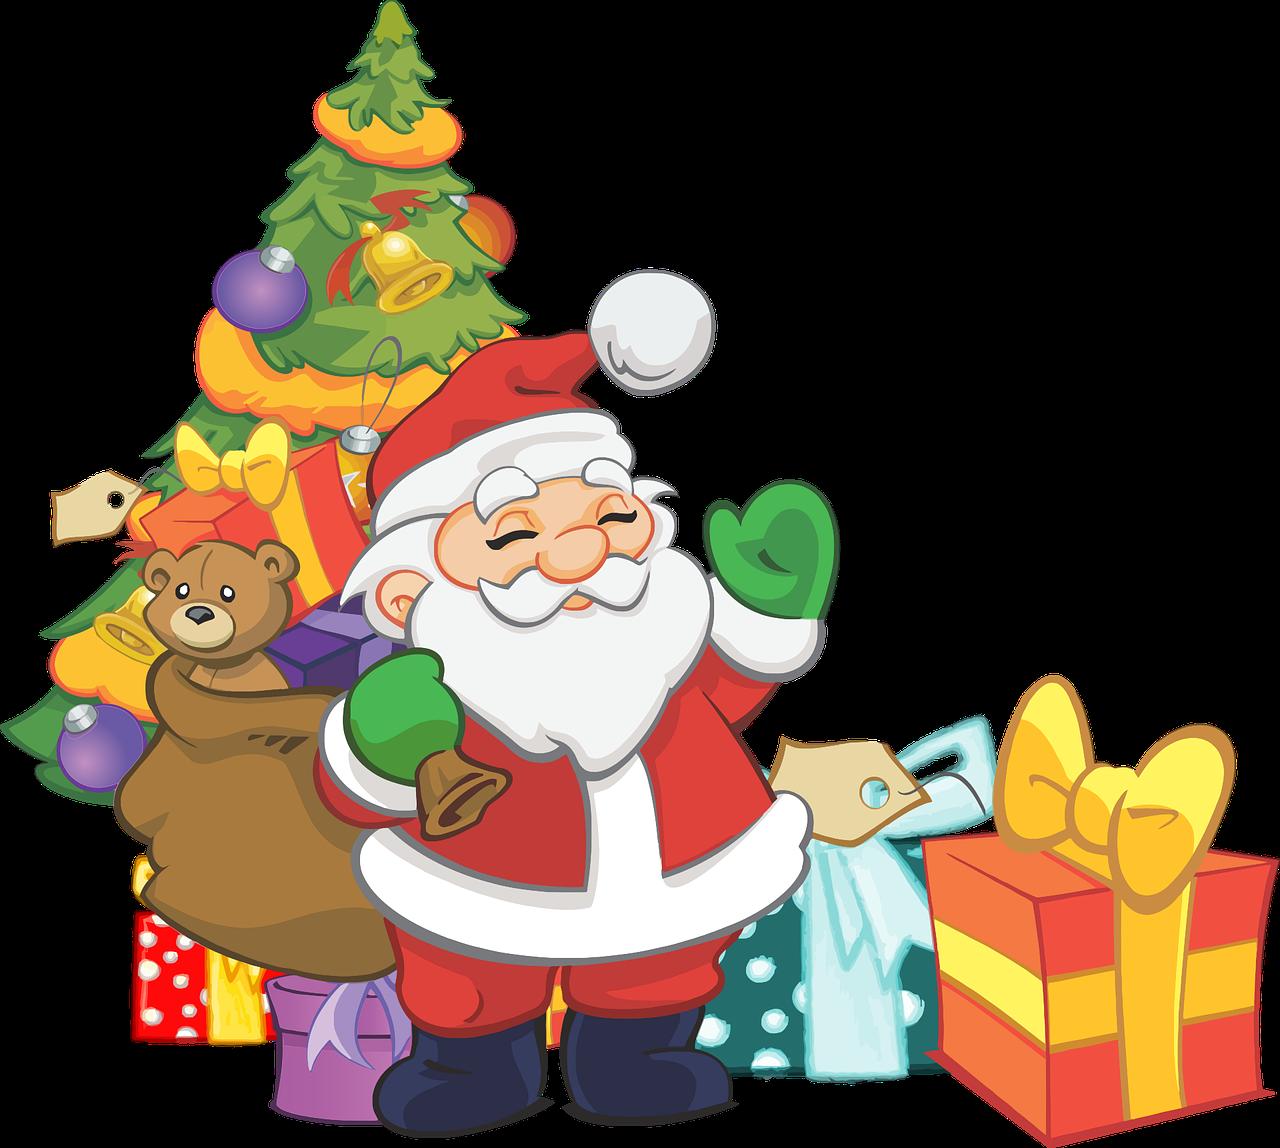 Flashing santa clipart png transparent download Those Pesky Google Algorithms: Images of Santa – Shelia A. Huggins ... png transparent download